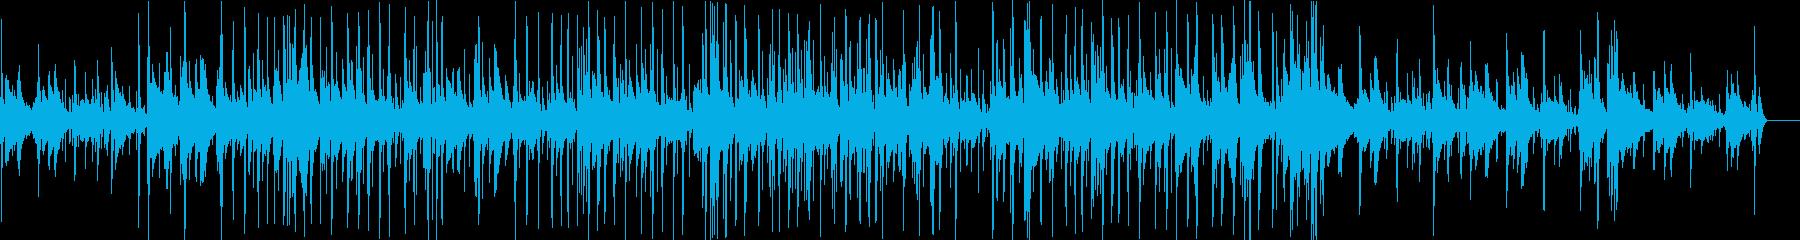 のんびりとした暖かいピアノインストの再生済みの波形